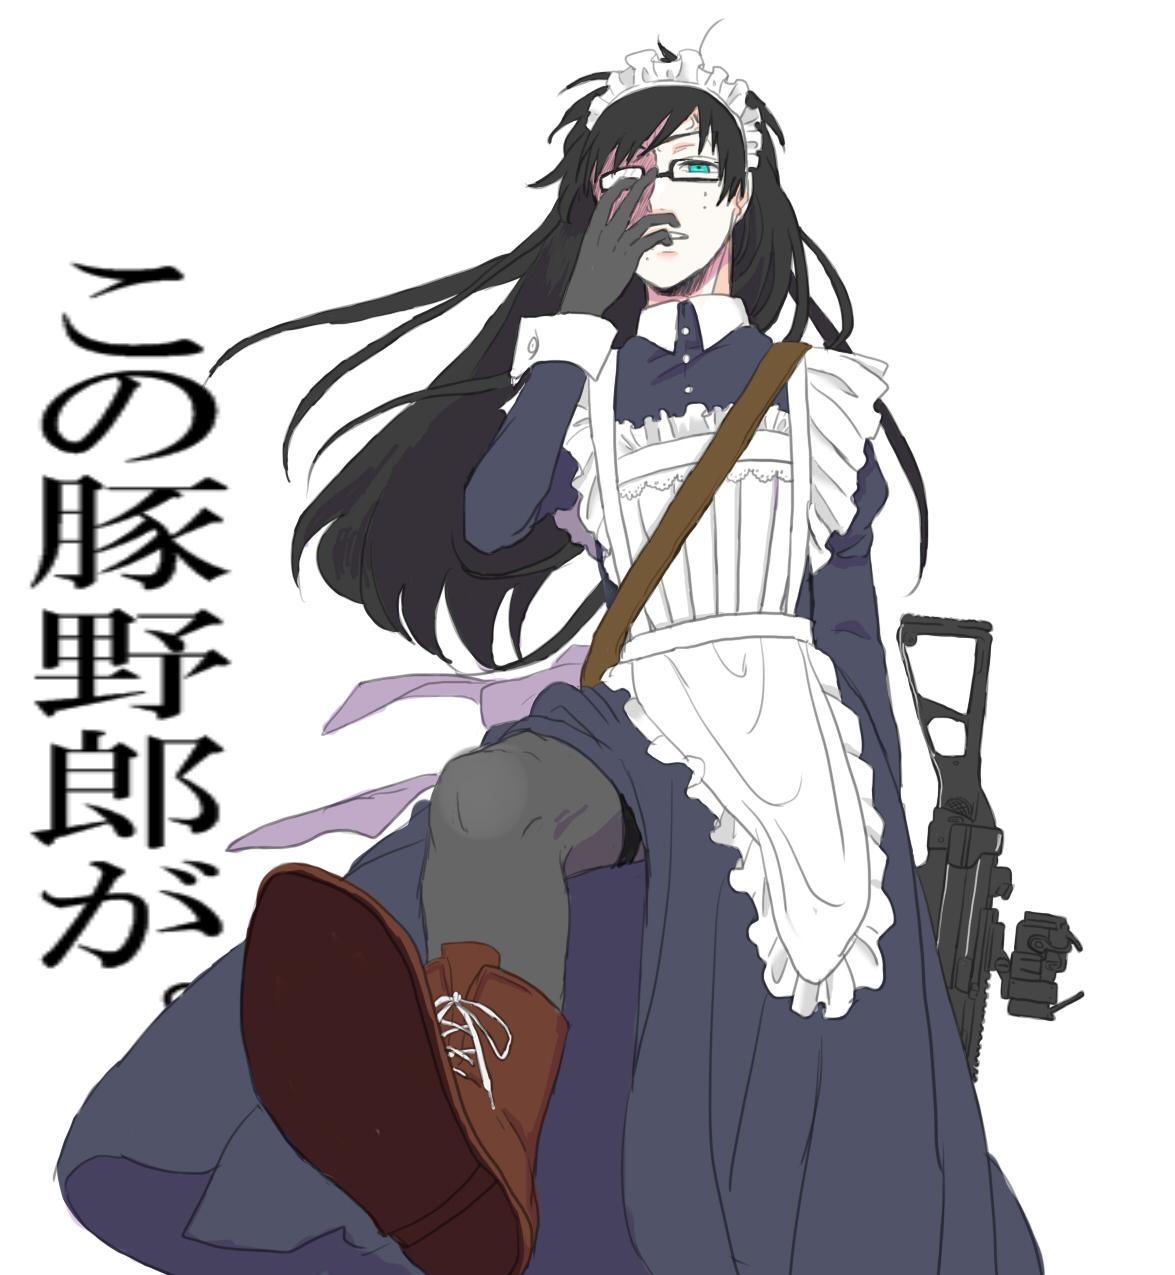 Yukio-Okumura-image-yukio-okumura-36777521-1175-1275.jpg